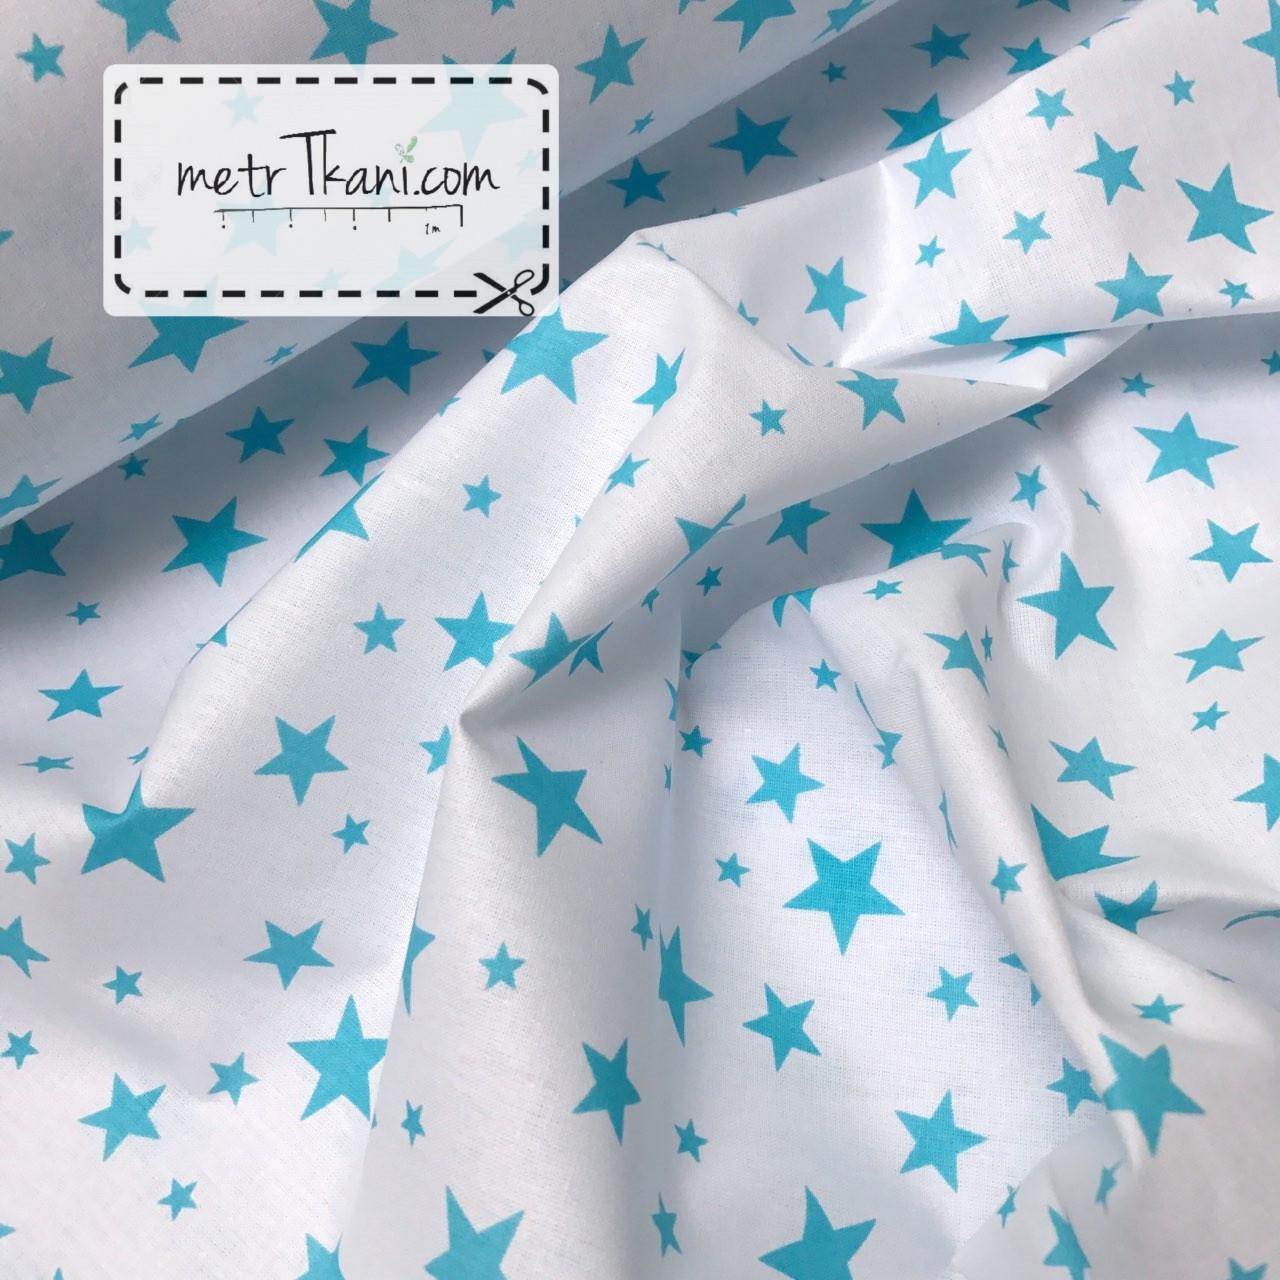 Ткань хлопковая звездопад  бирюзовые звезды на белом фоне № 871